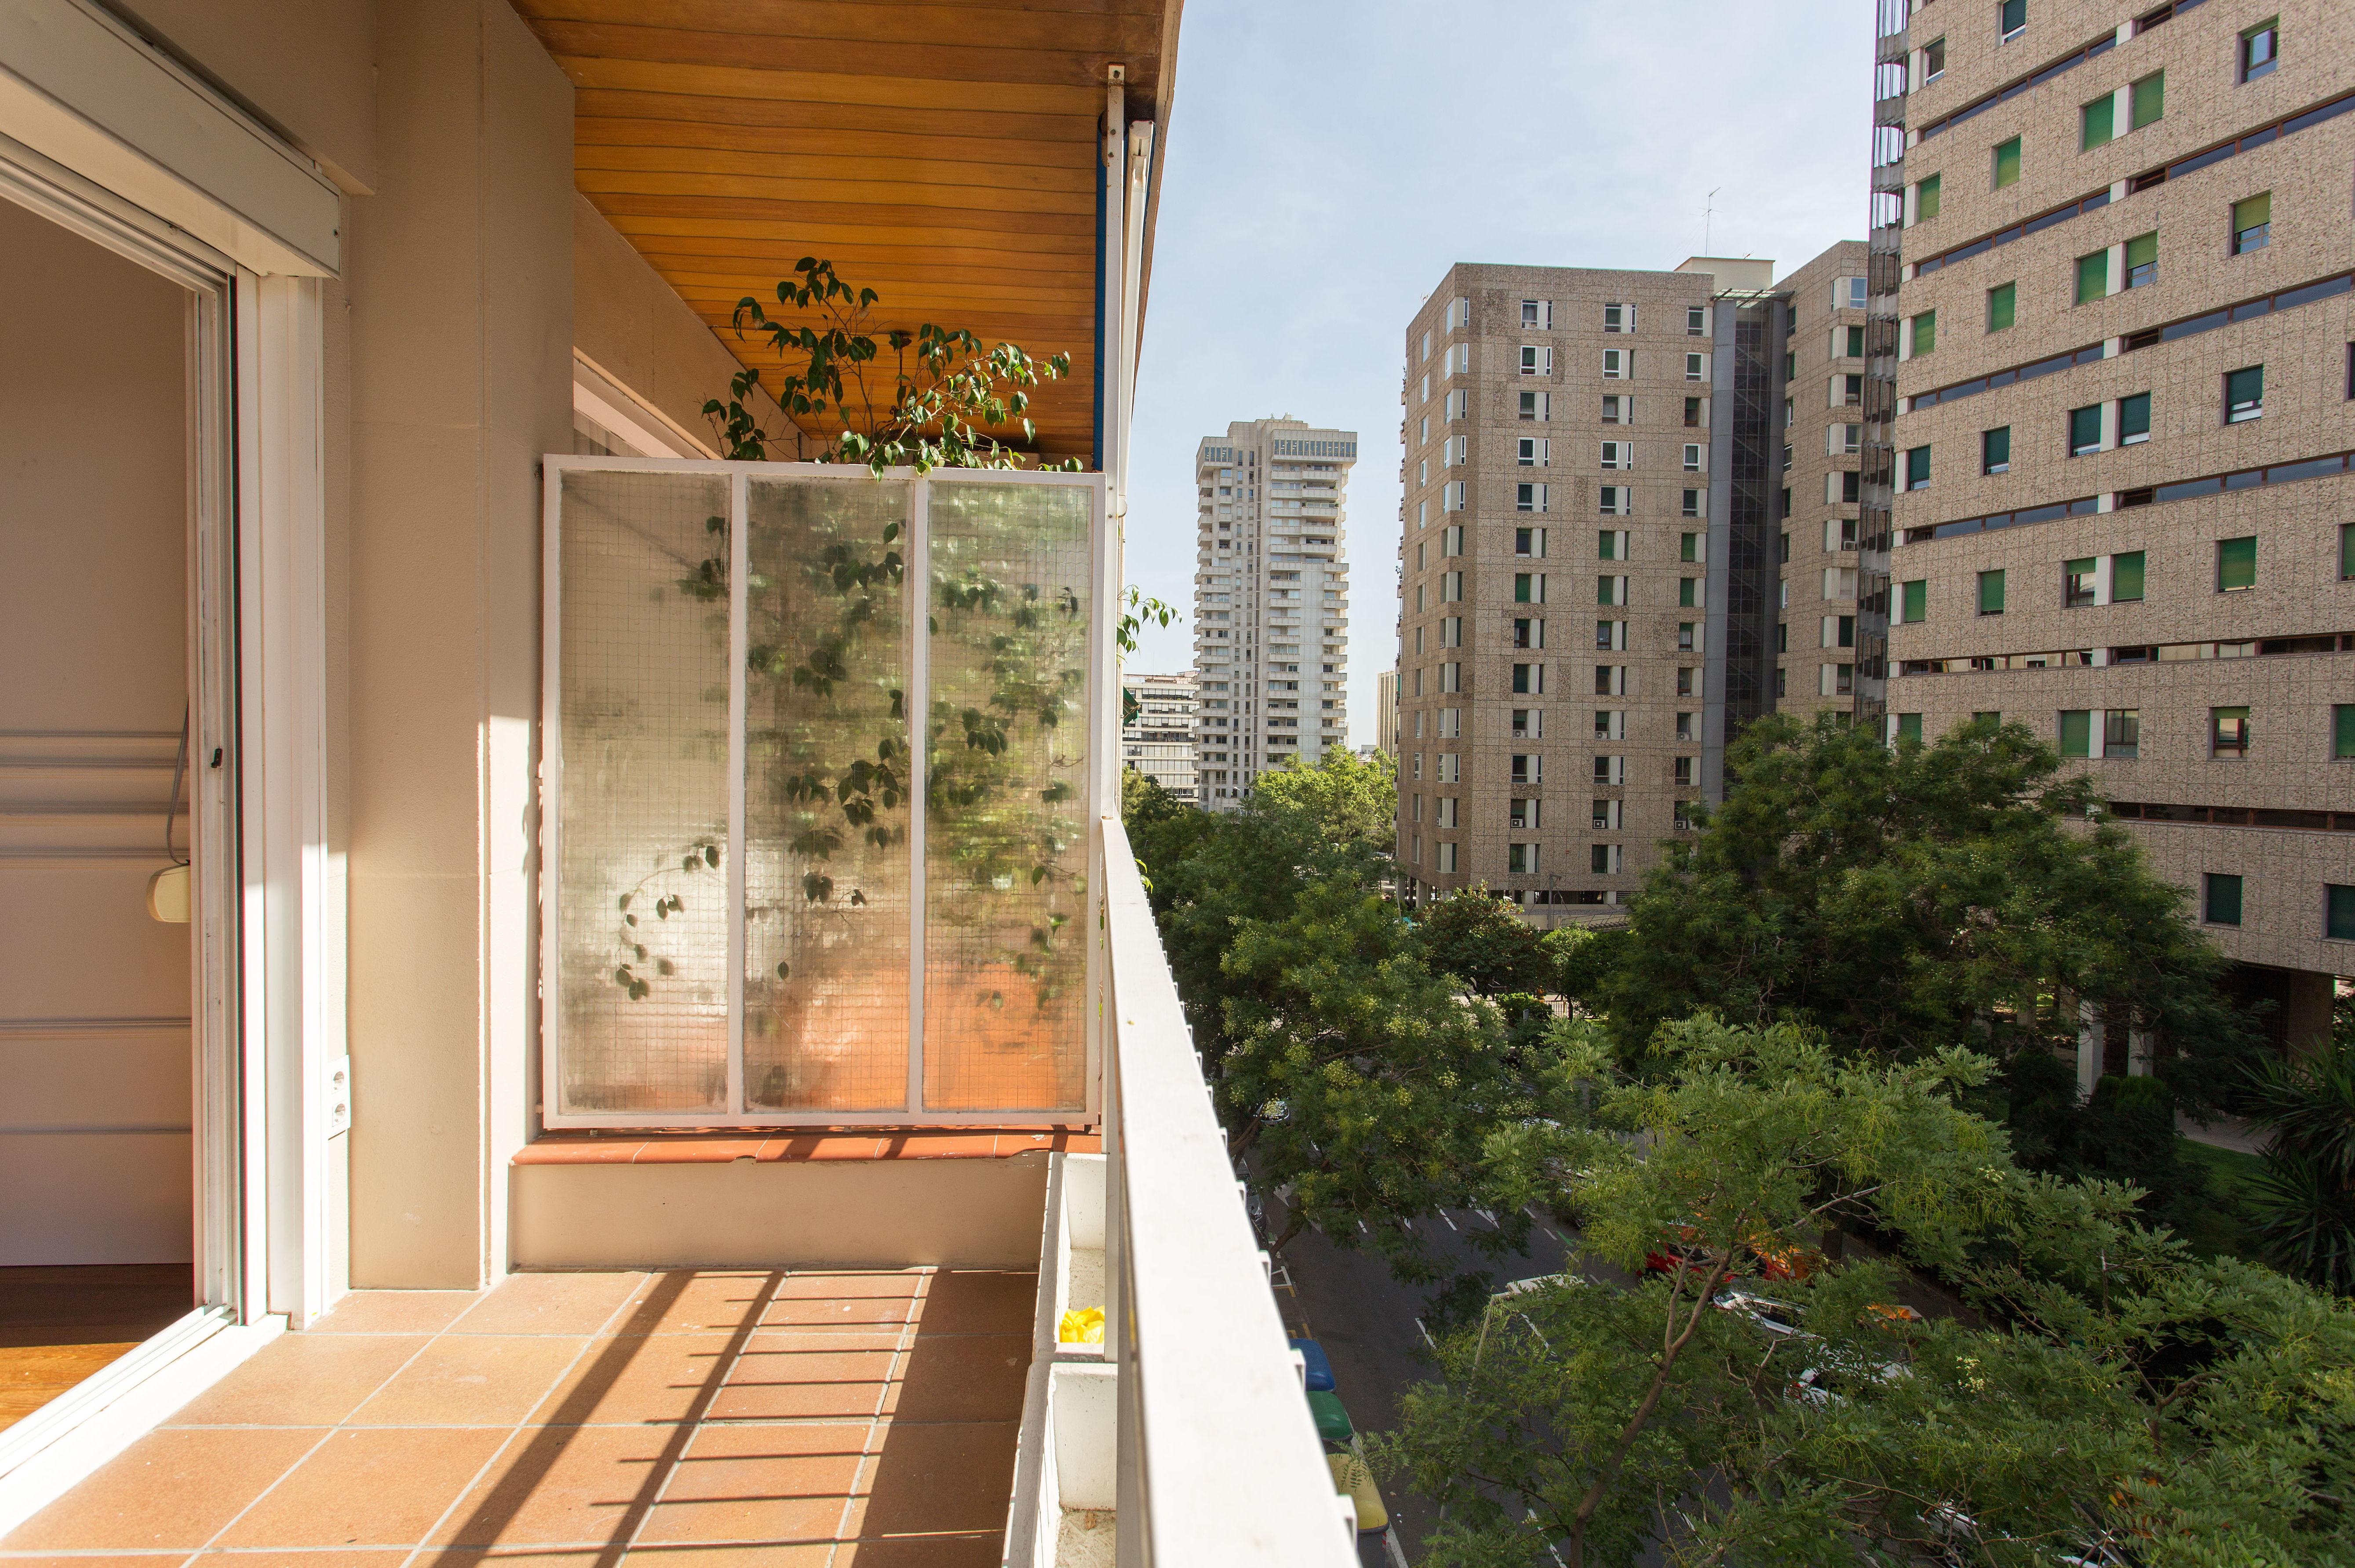 ALQUILER DE INMUEBLES: Visita nuestras inmuebles de Bertinsa Real Estate, Investments & Sale Services